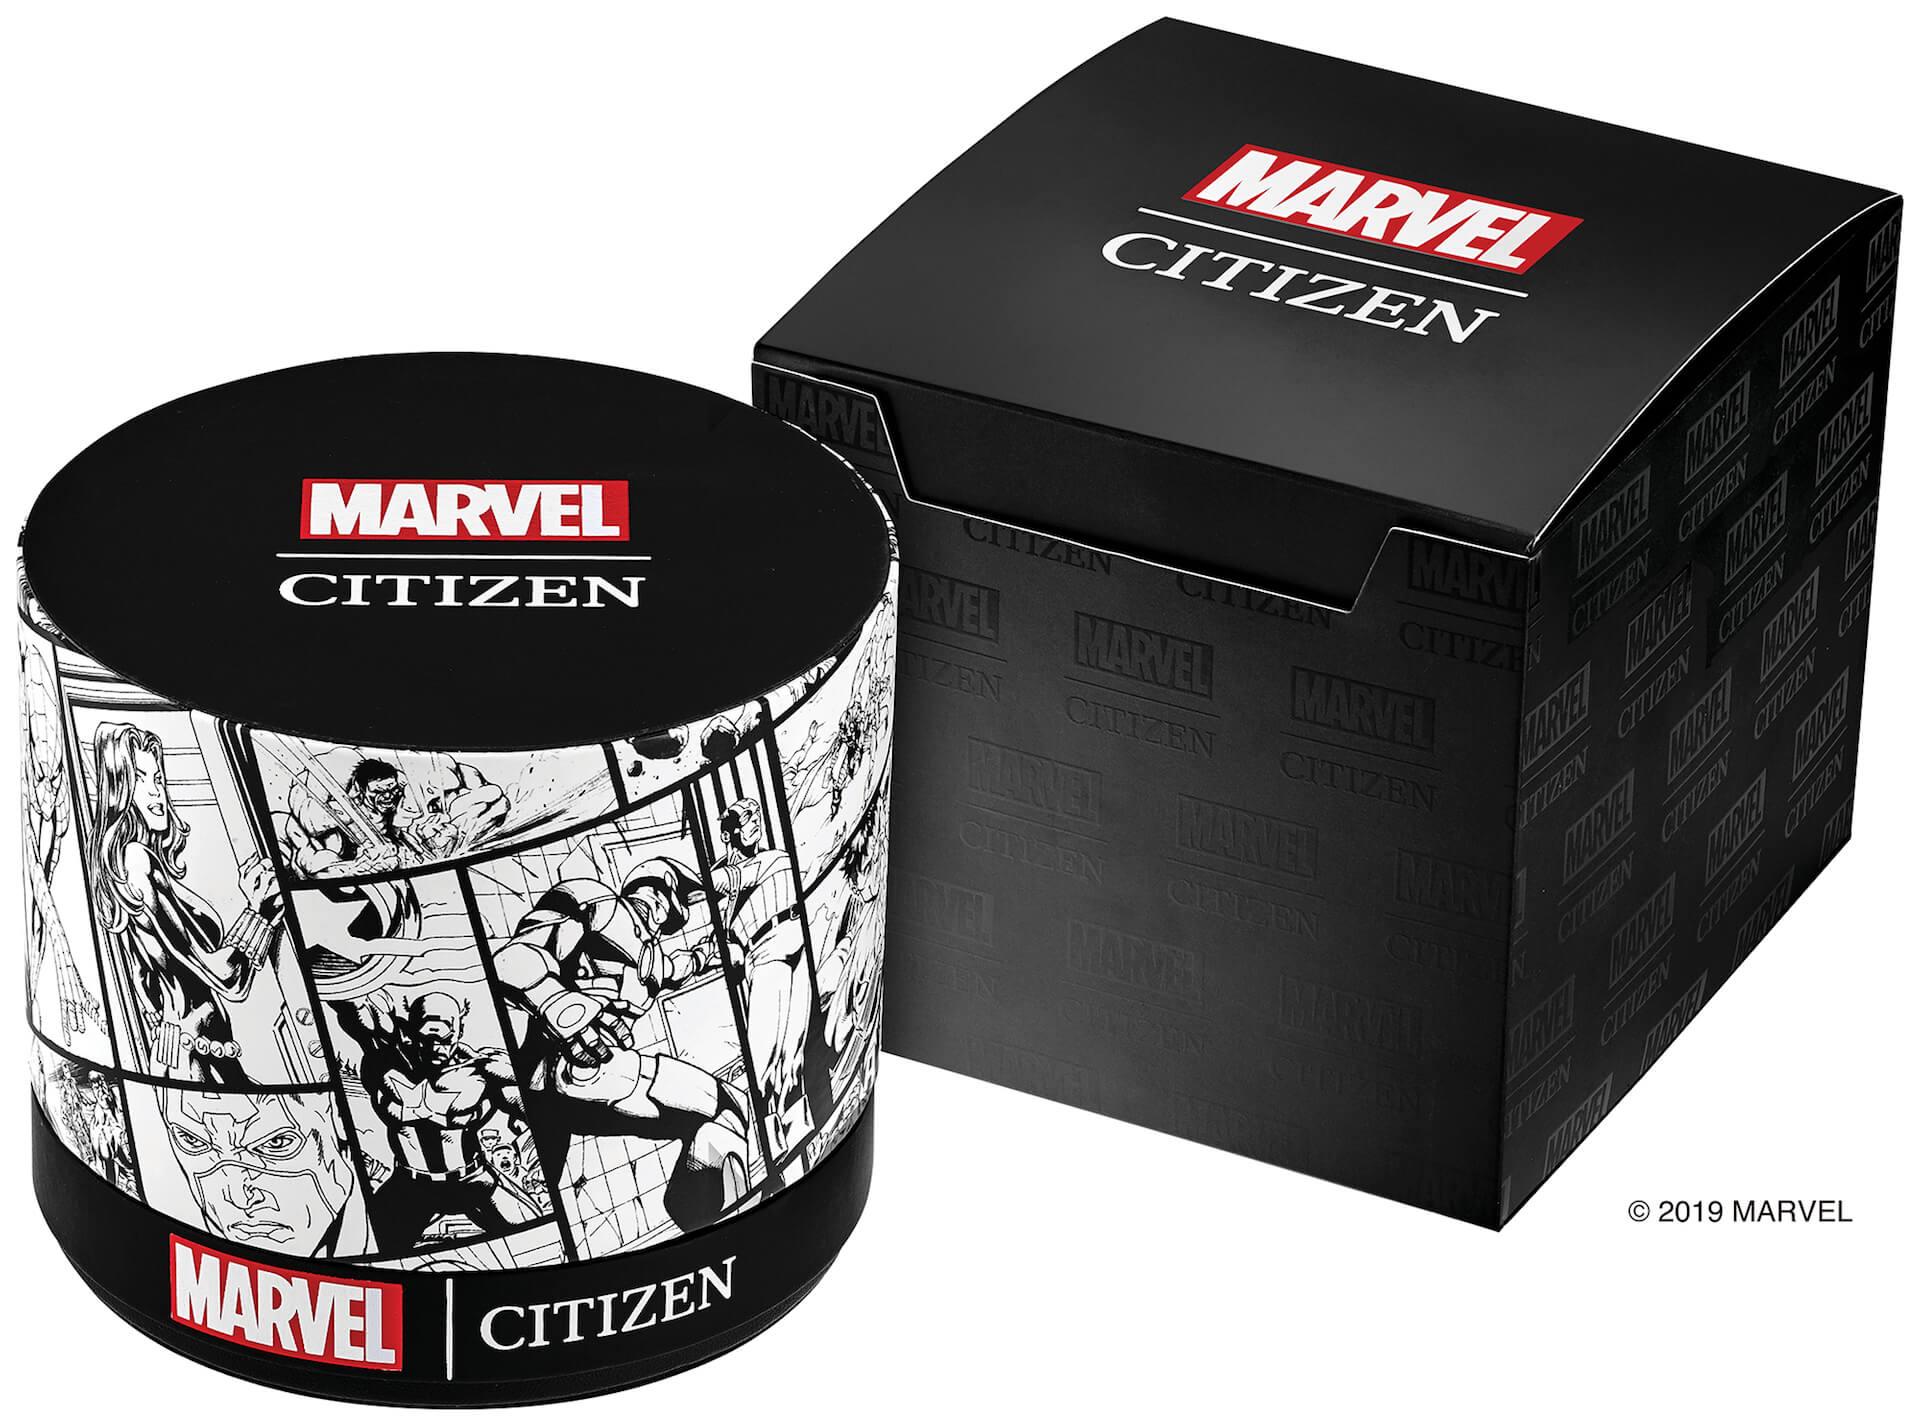 「スパイダーマン」や「キャプテン・アメリカ」が腕時計に!マーベルキャラクターをモチーフにしたシチズン腕時計全9モデルが登場 tech190919_marvel_watch_17